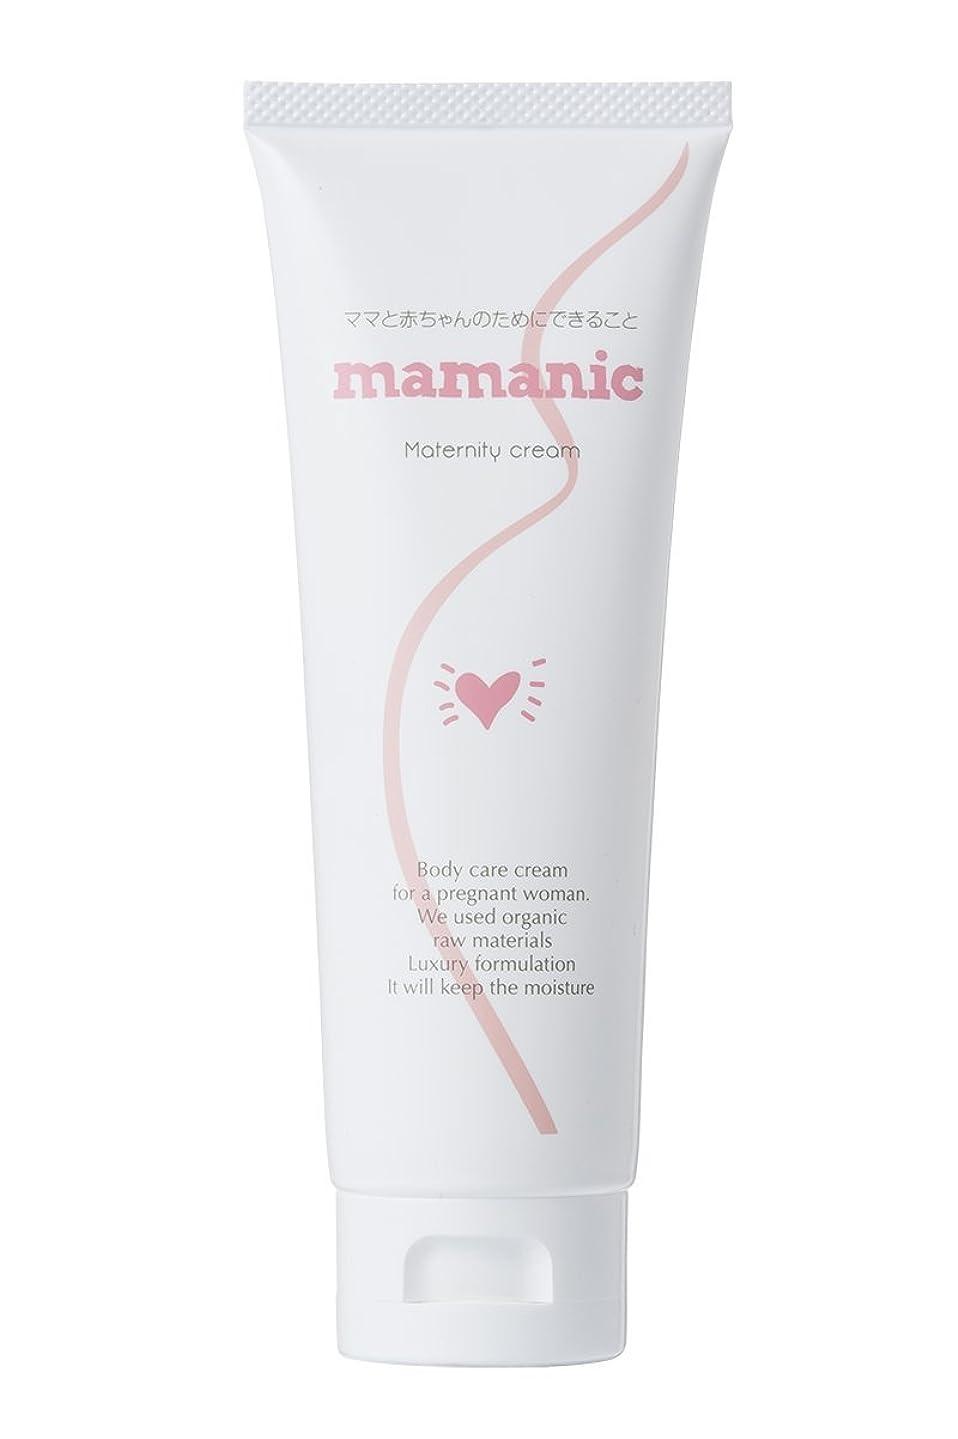 感謝するゆでる北方ママニック マタニティクリーム 120g 妊娠線予防 保湿 無添加 妊娠線クリーム